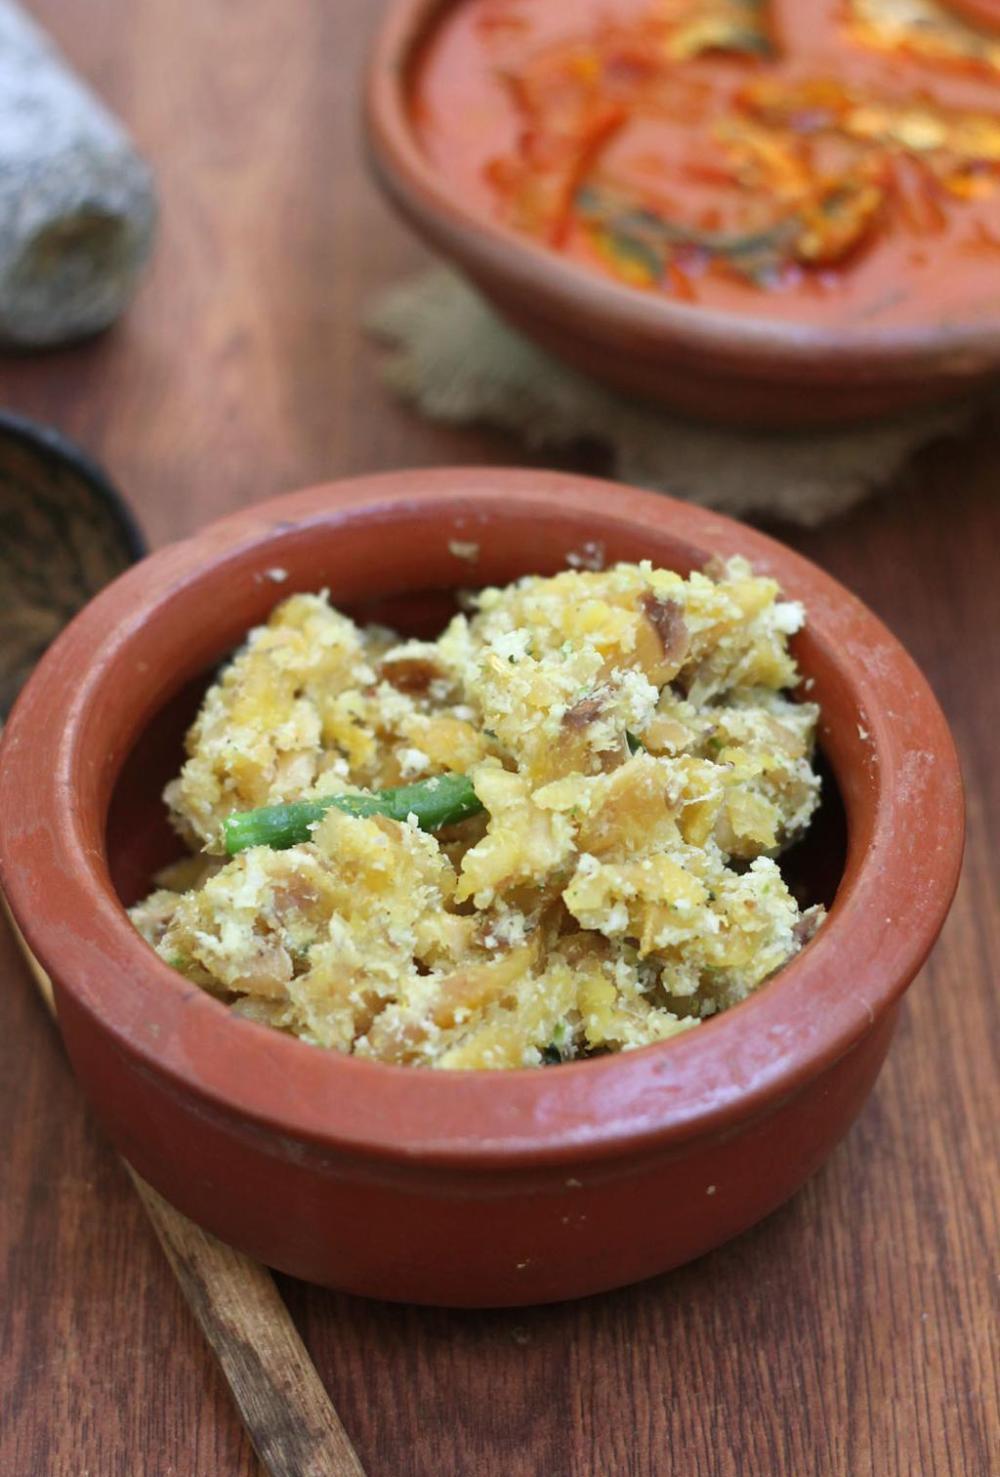 Unaka kappa puzhuku (dried tapioca/cassava cooked with green chili and coconut)